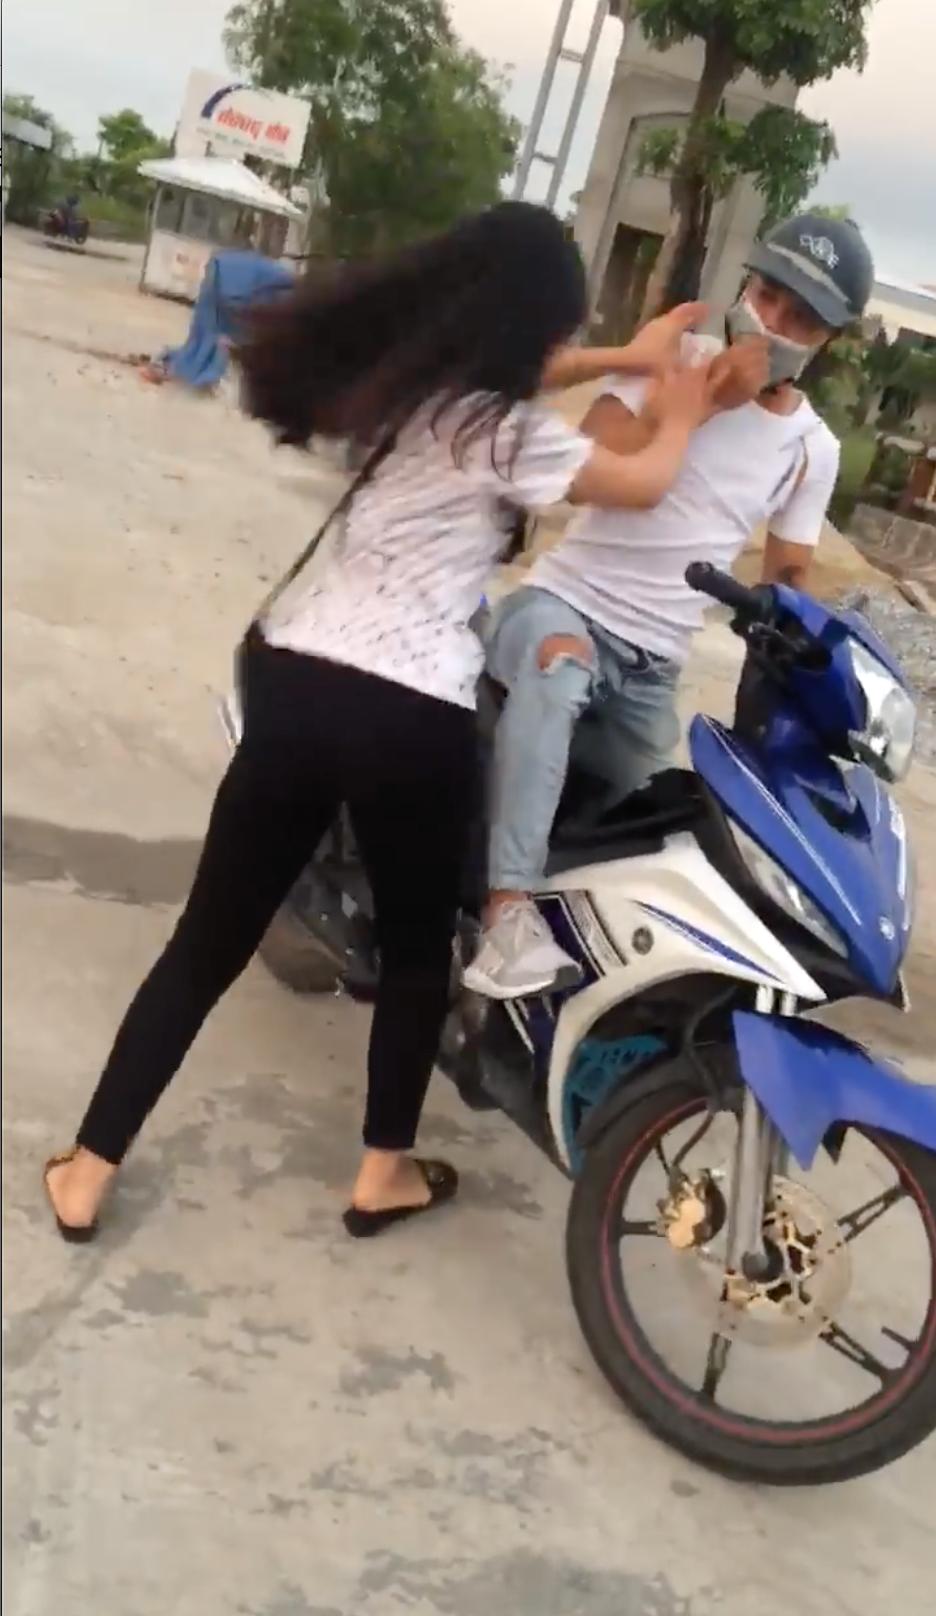 Bắc Ninh: Tán tỉnh rồi hẹn gặp bạn của người yêu, thanh niên họ Sở bị cả hai vạch mặt tại trận 2